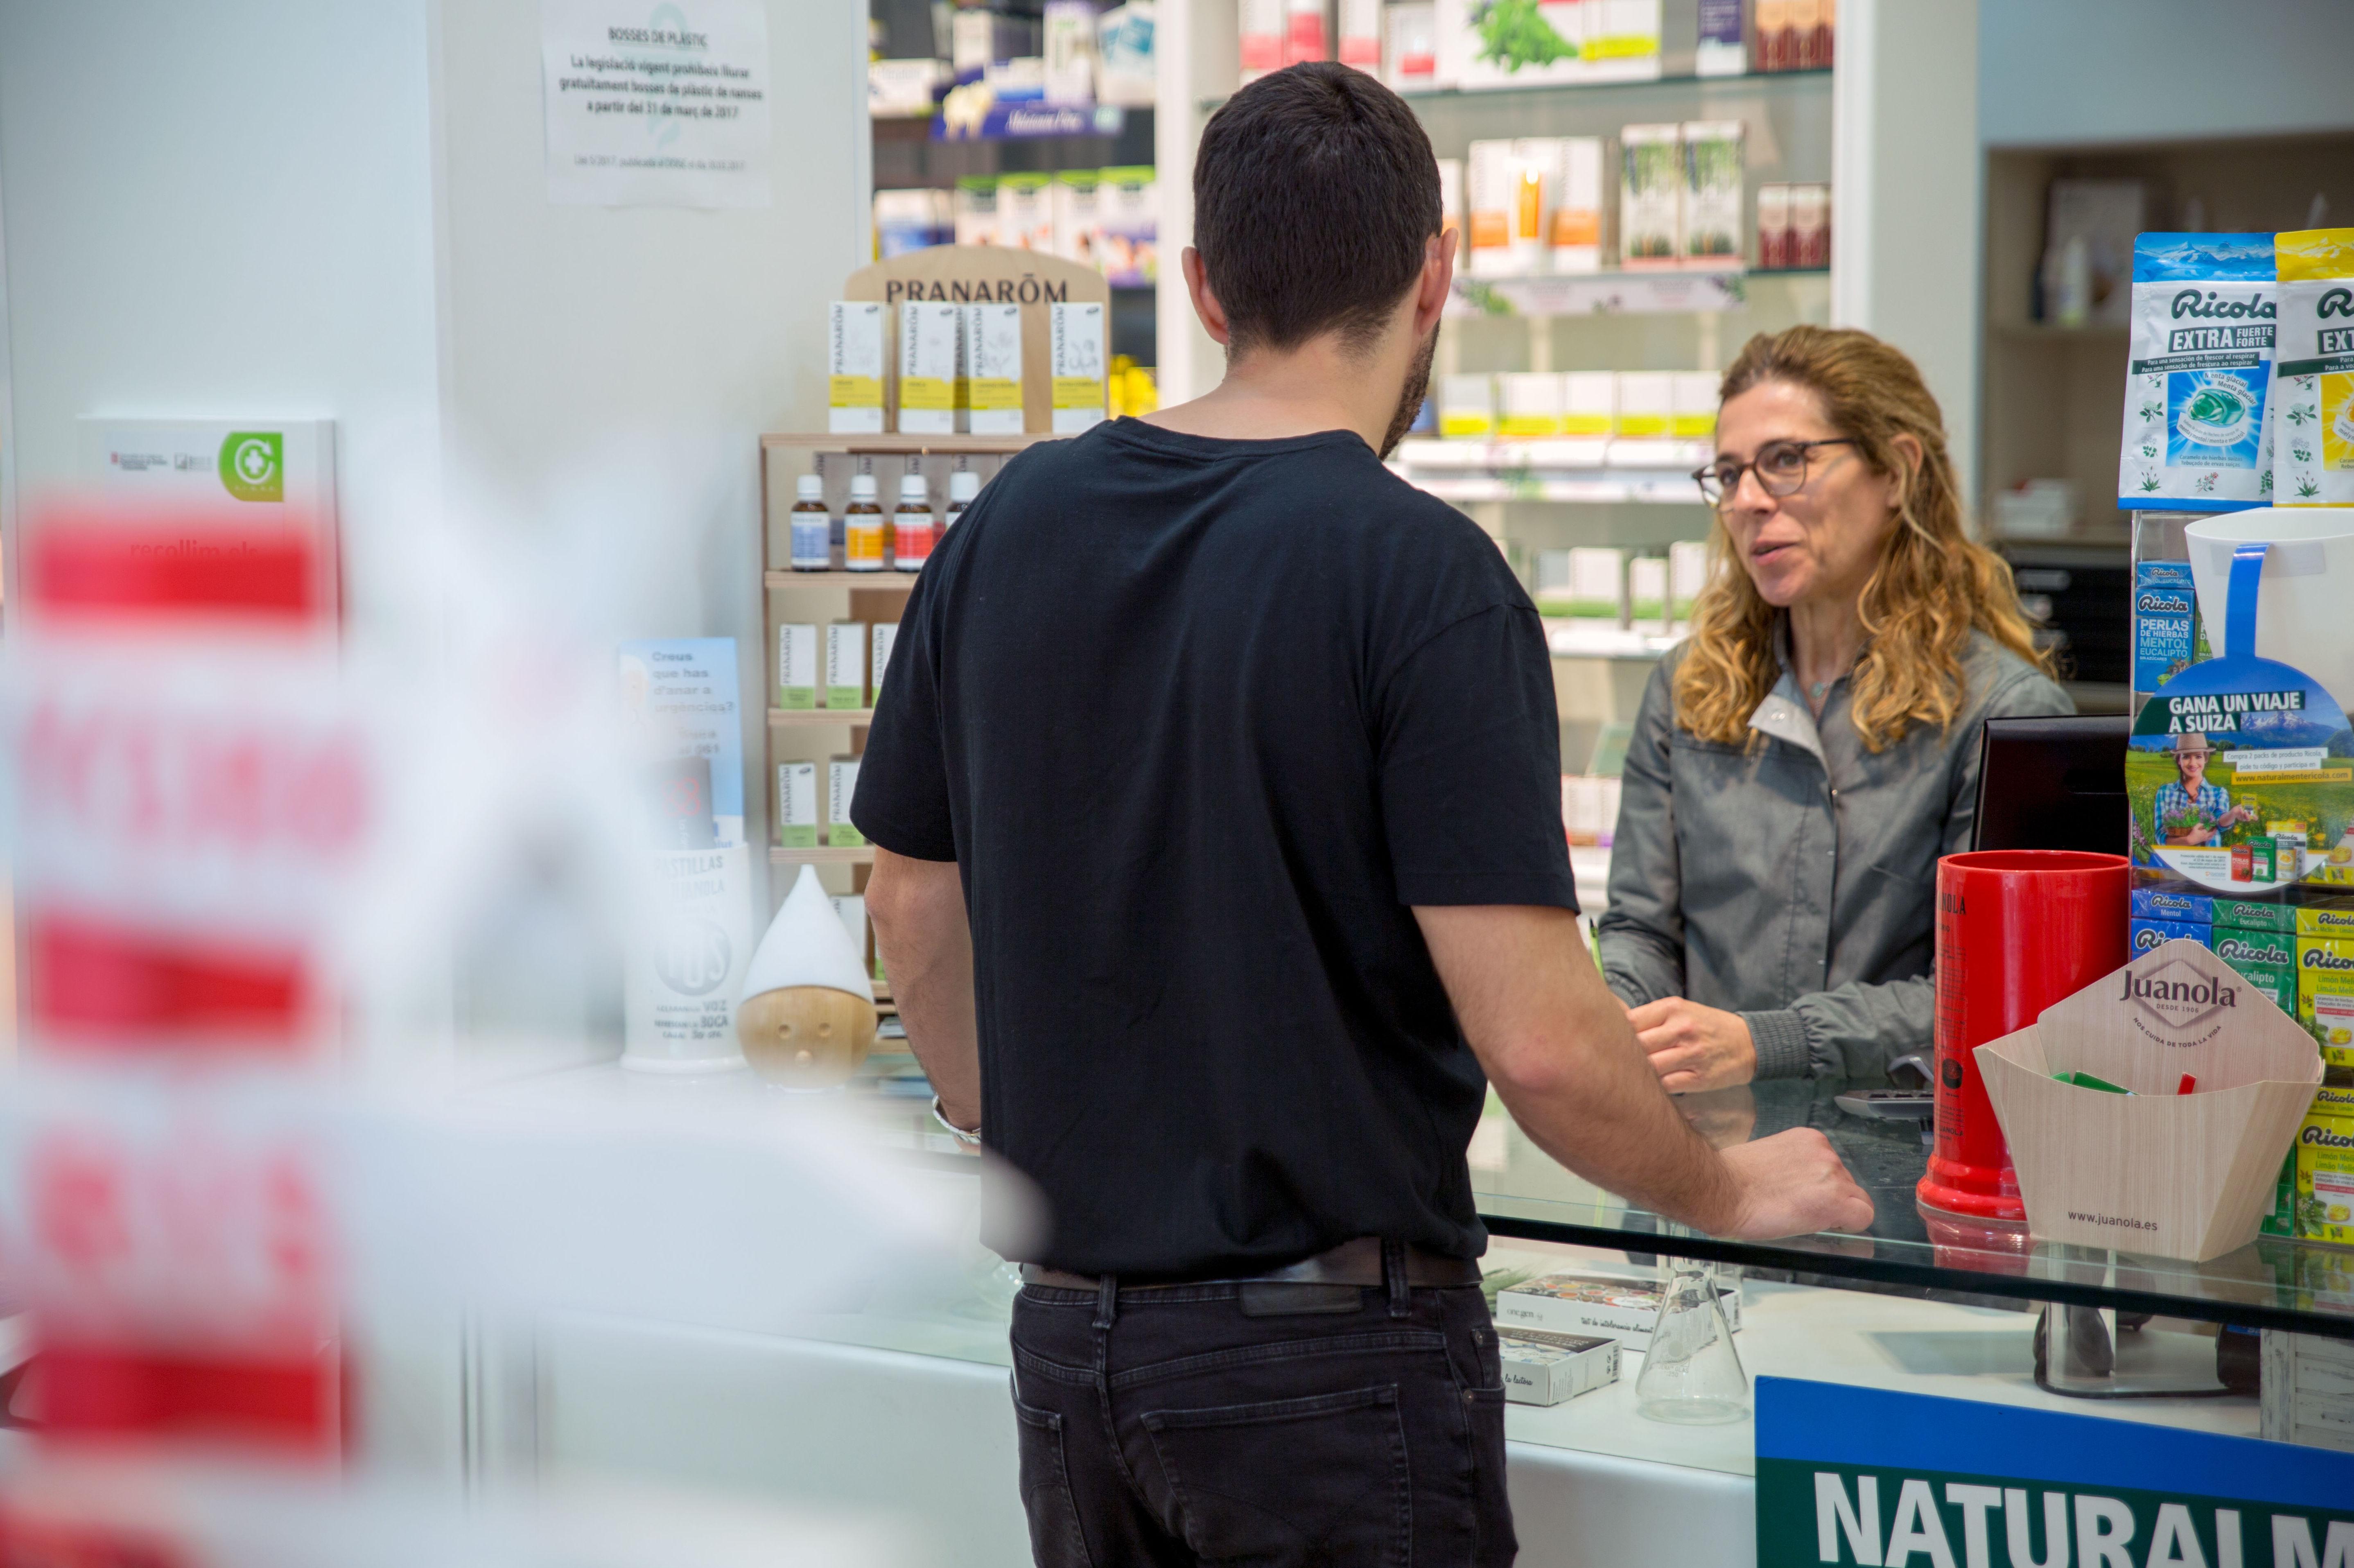 Atención farmacéutica: Servicios de La Farmacia de Tarradellas